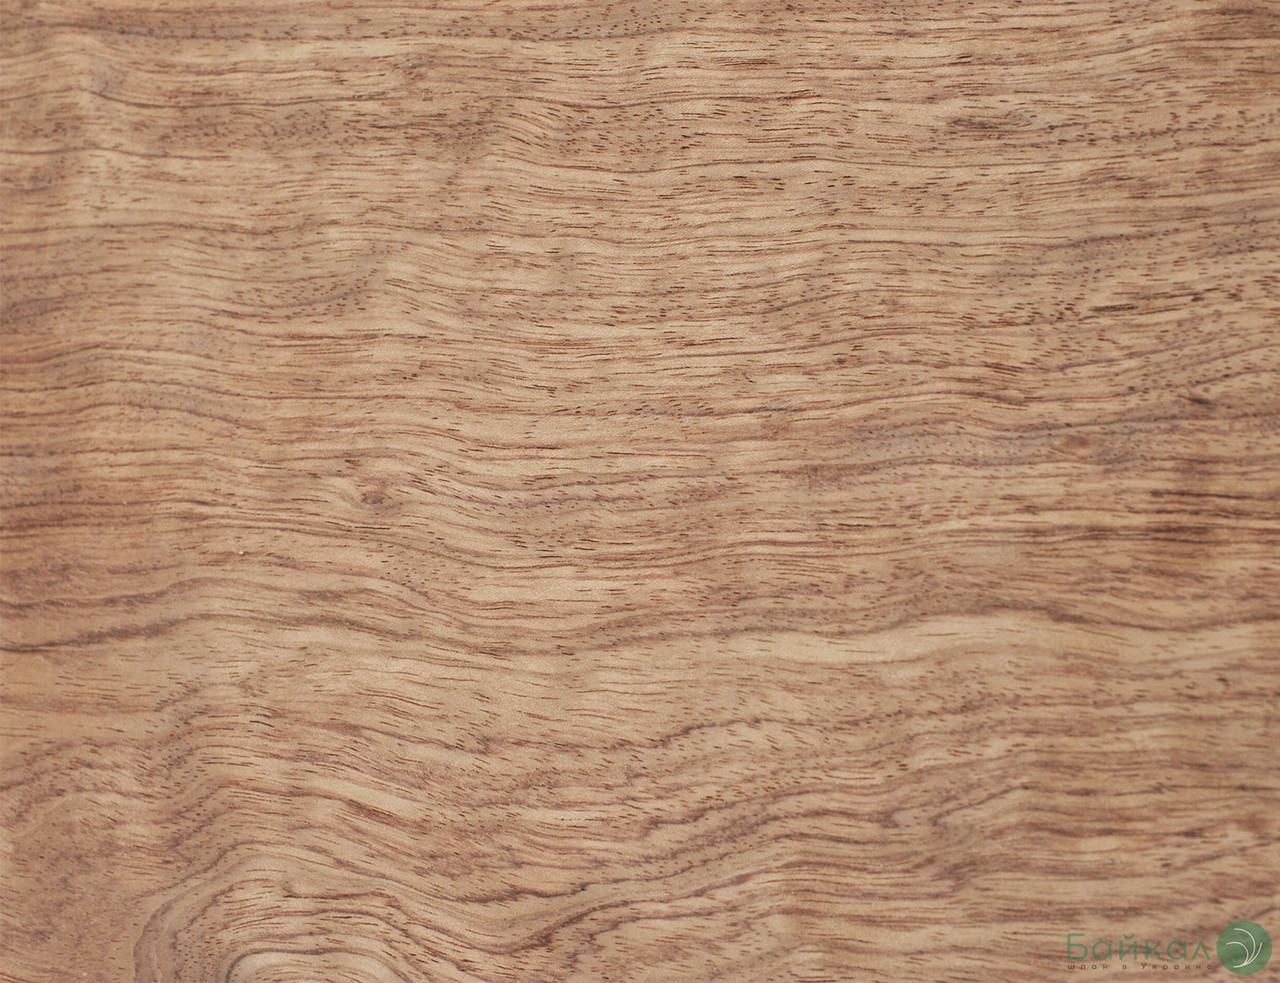 Шпон Бубинга Кевазинго (строганный) Logs - 0,55 мм 2,10-2,55 м/10 см+